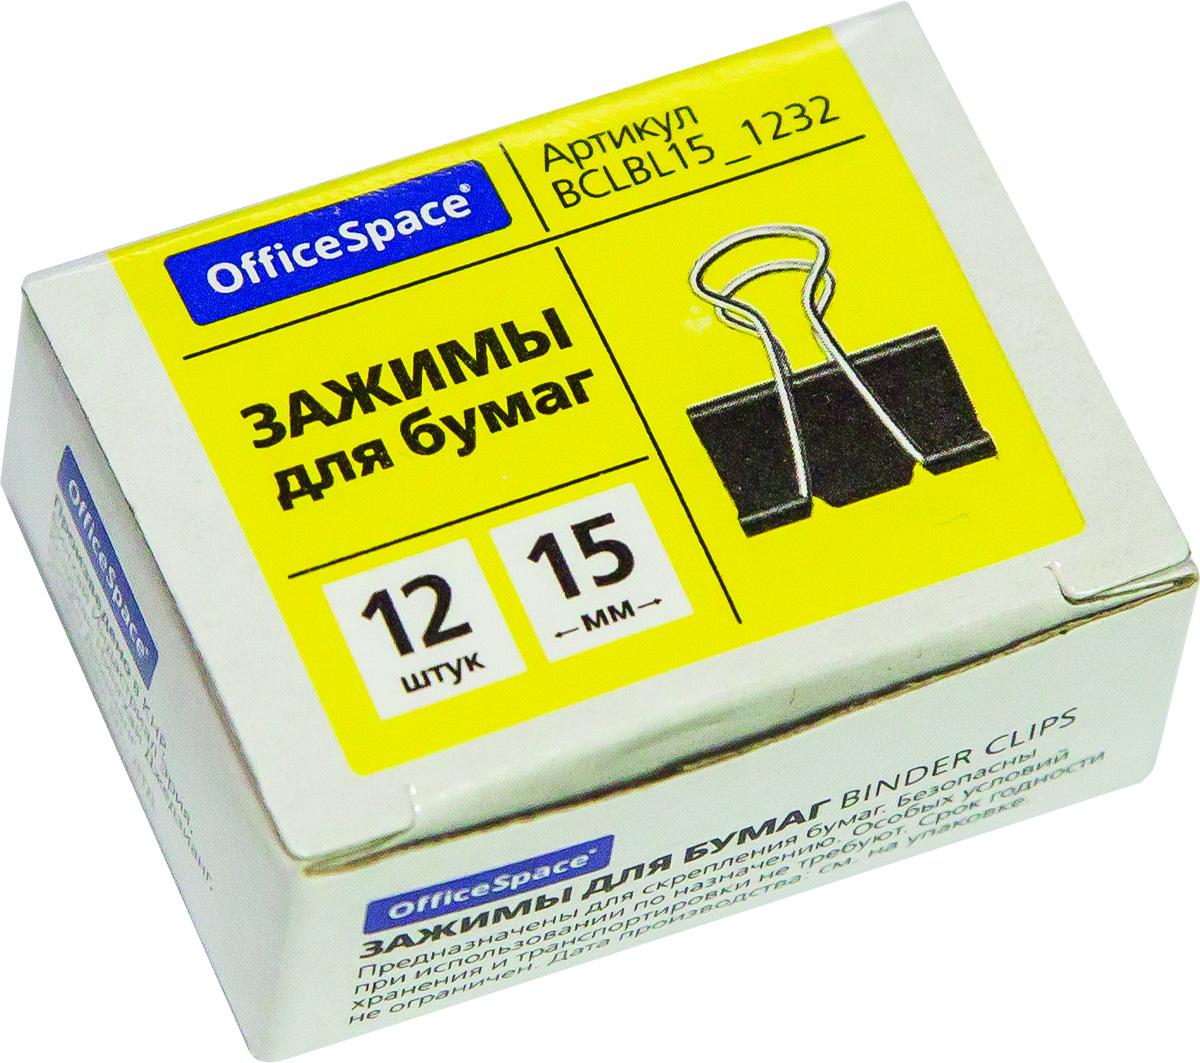 OfficeSpace Зажим для бумаг 15 мм 12 штBCLBL15_1232Зажим для бумаг OfficeSpace идеально подойдет для скрепления большого количества листов. Он не царапает, не рвет и не мнет документы.В упаковке 12 зажимов шириной 15 мм.